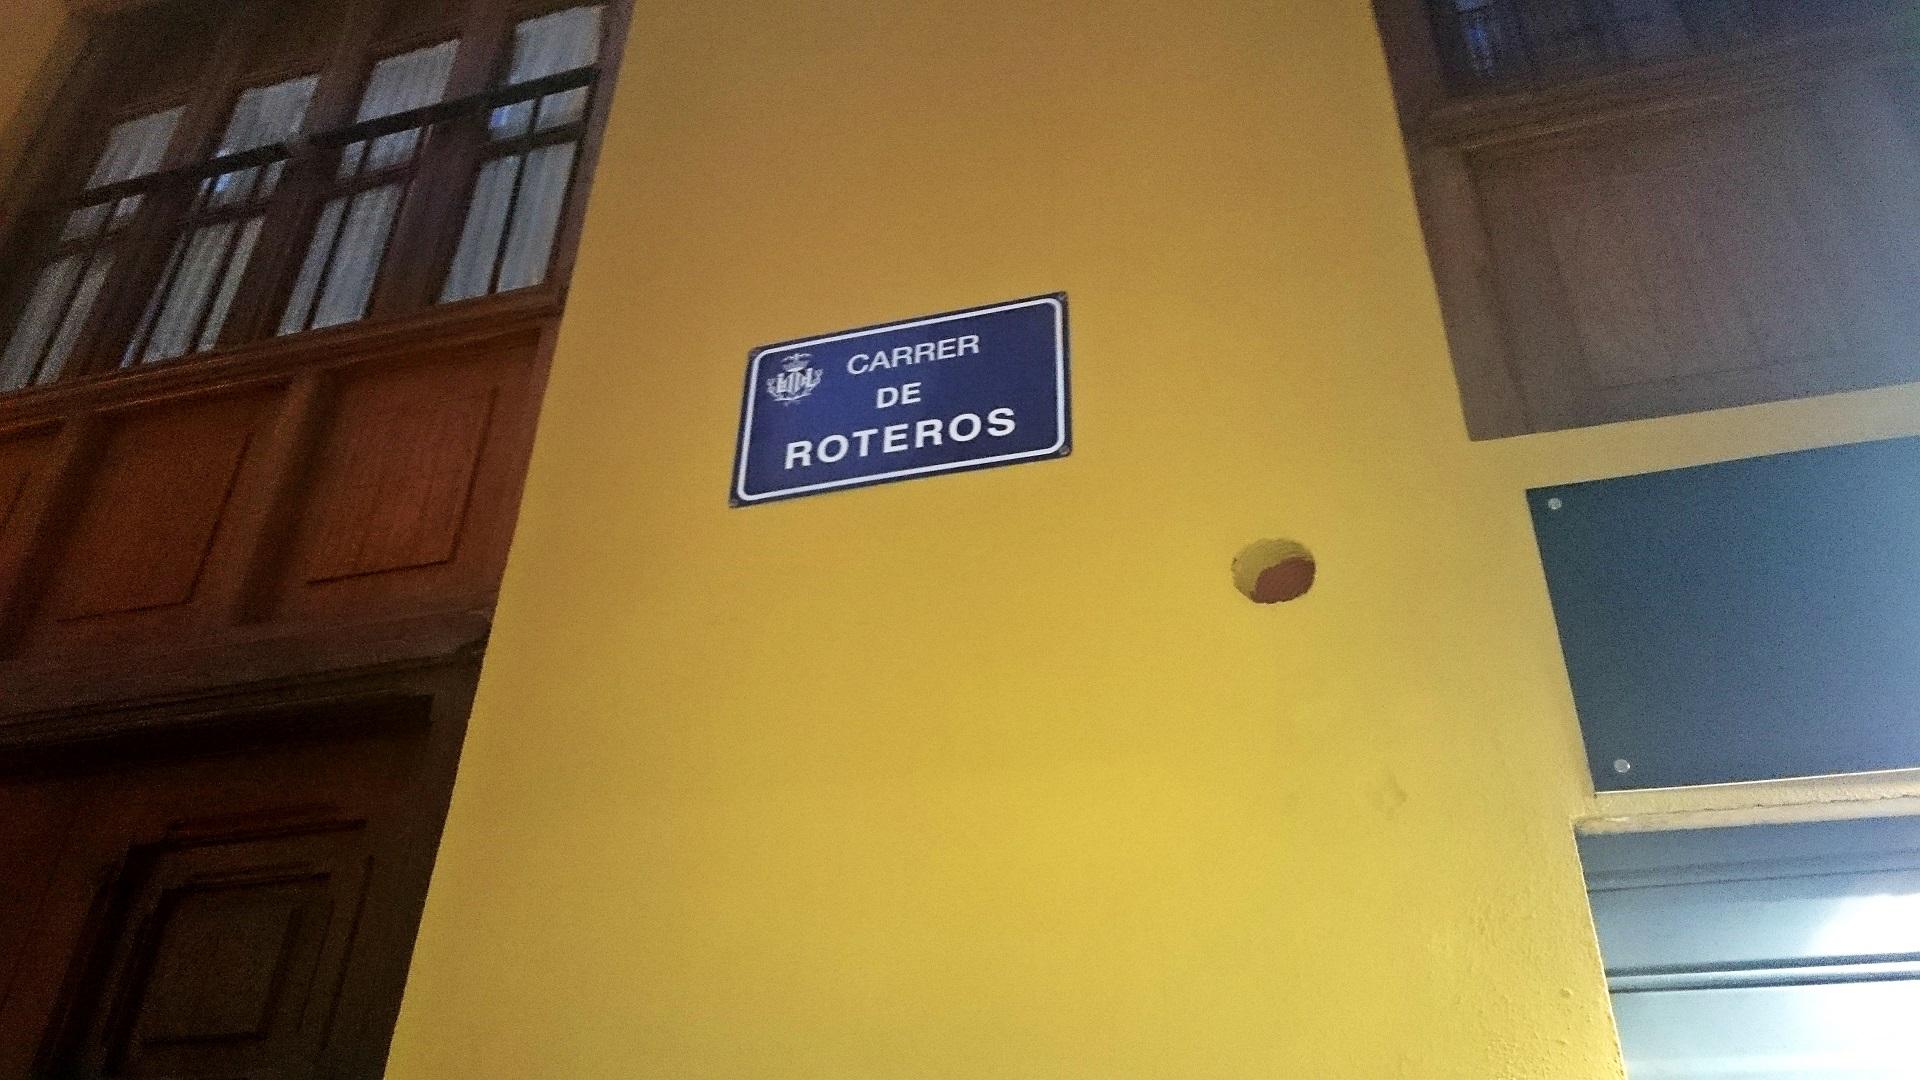 El horno se encuentra en la Calle Roteros.